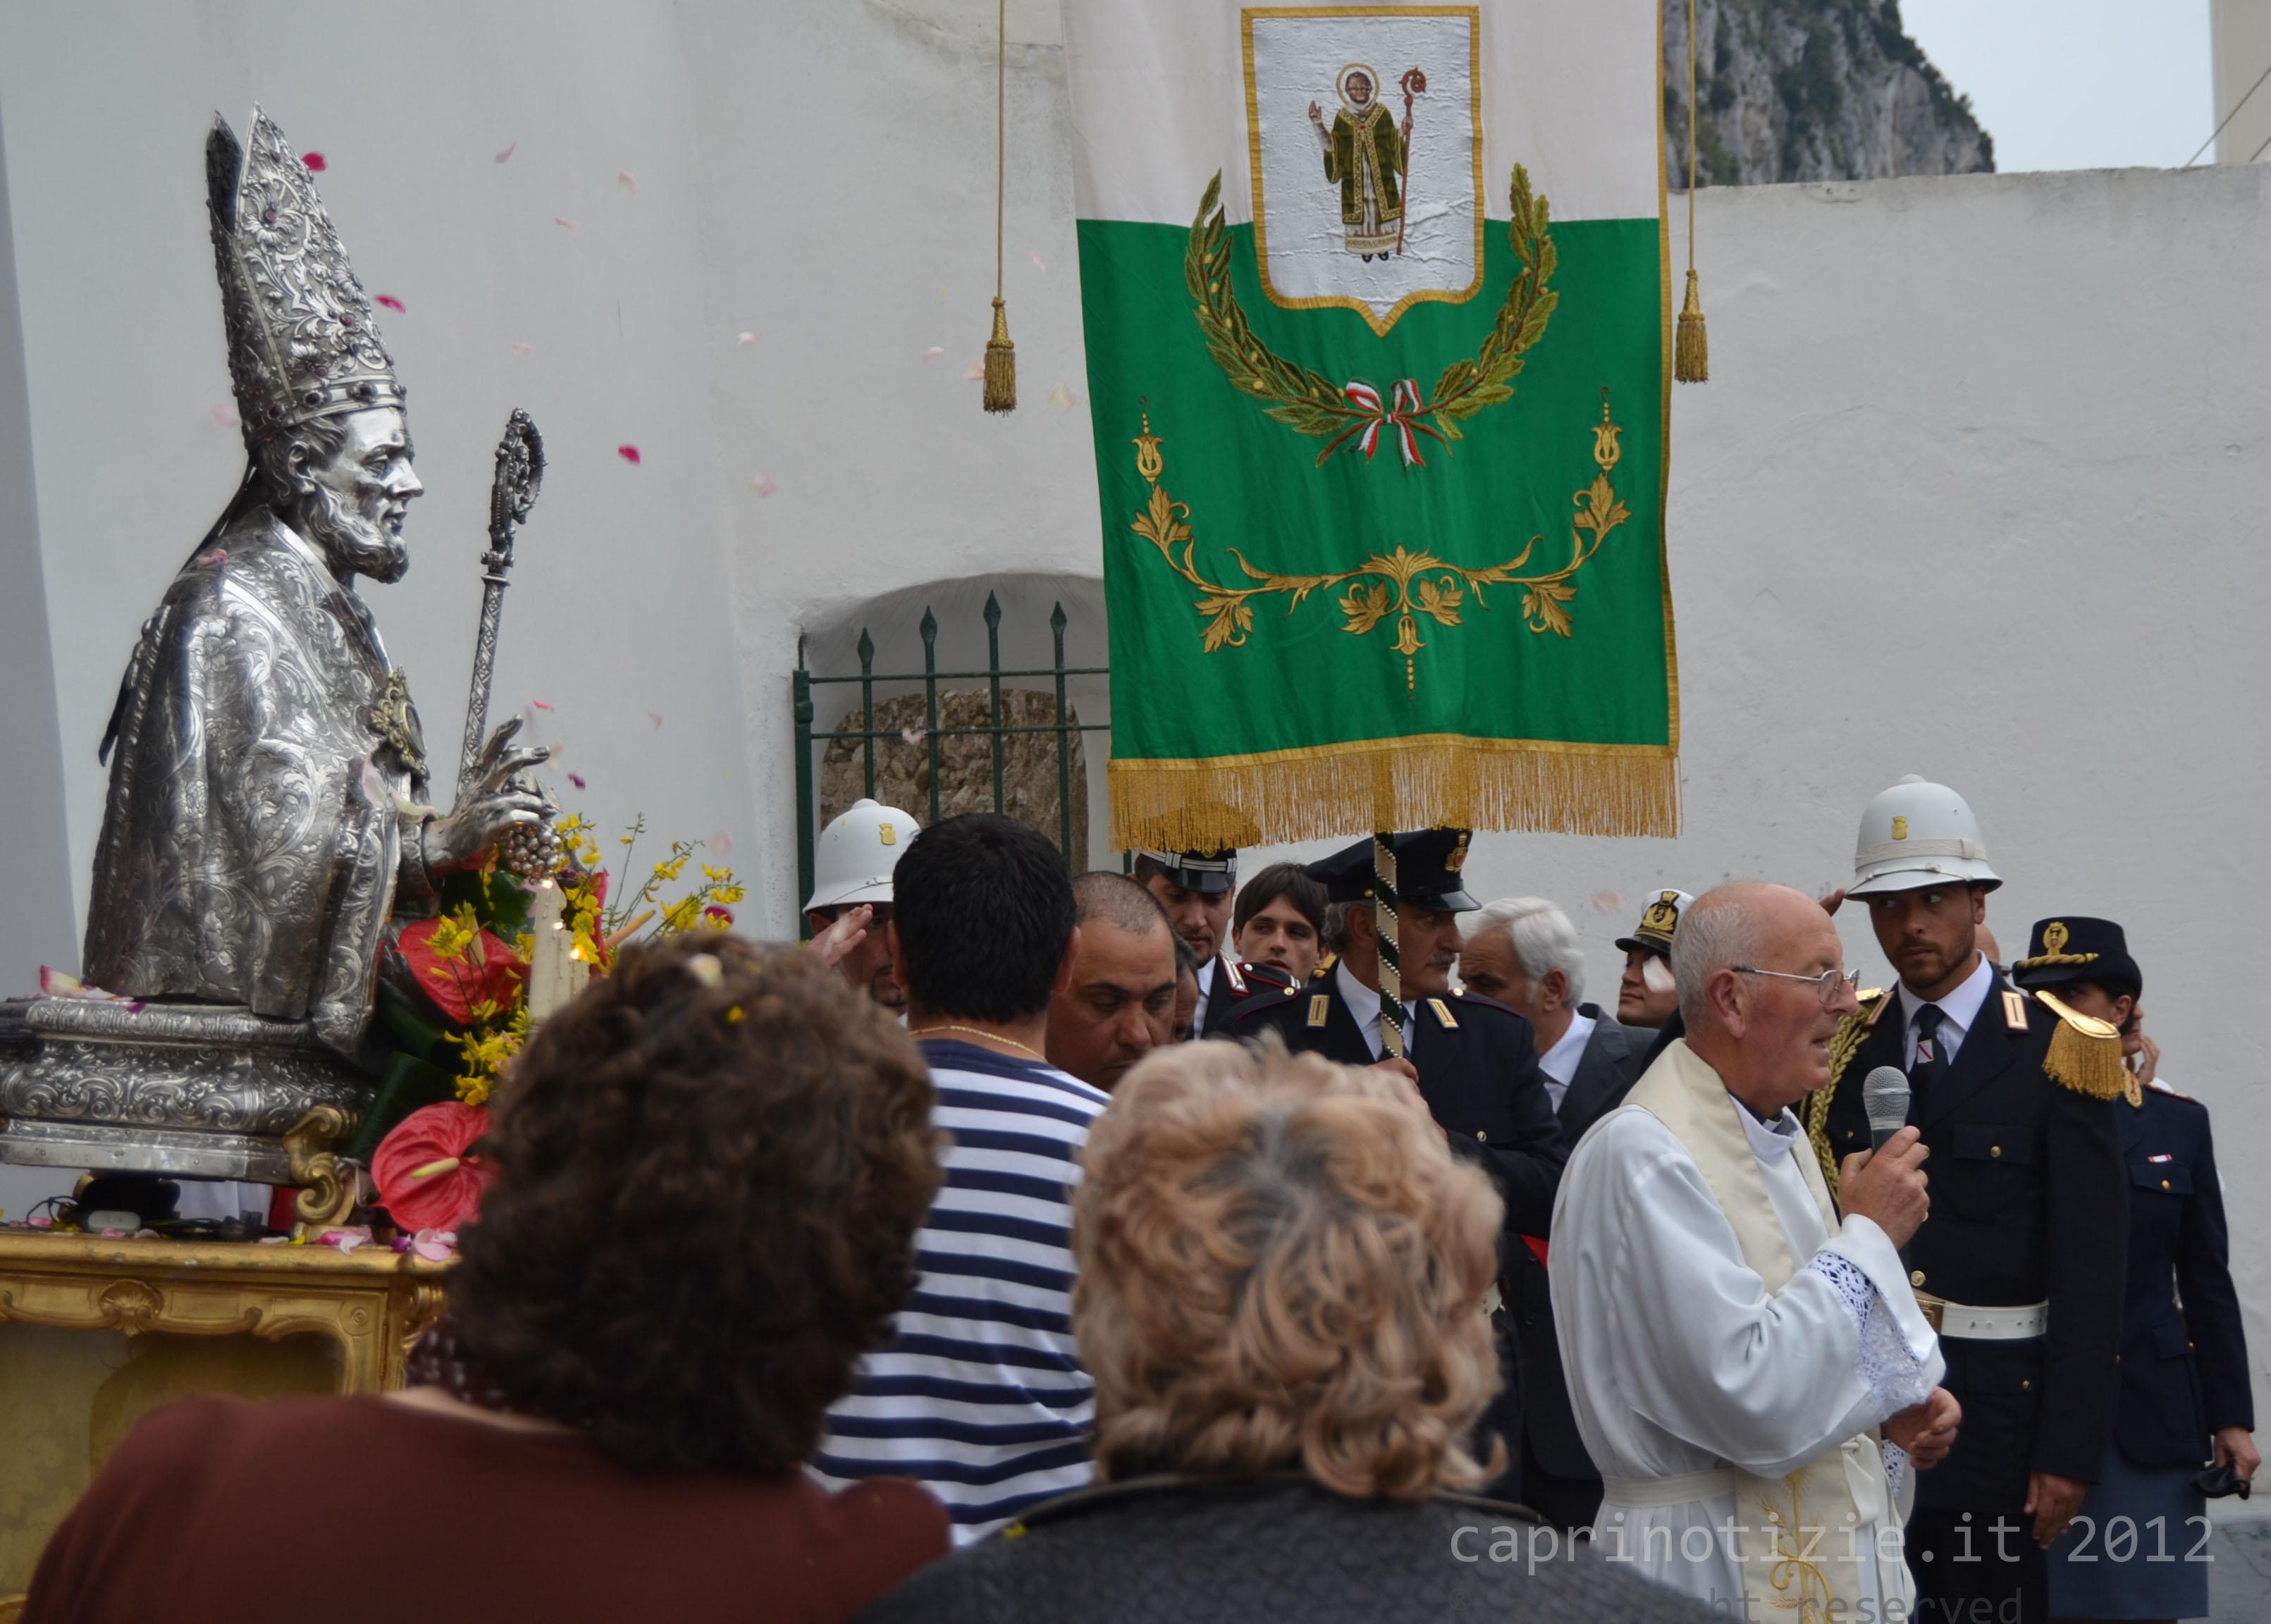 San Costanzo 2015: Programma Religioso e orari e percorsi delle processioni del Santo Patrono di Capri